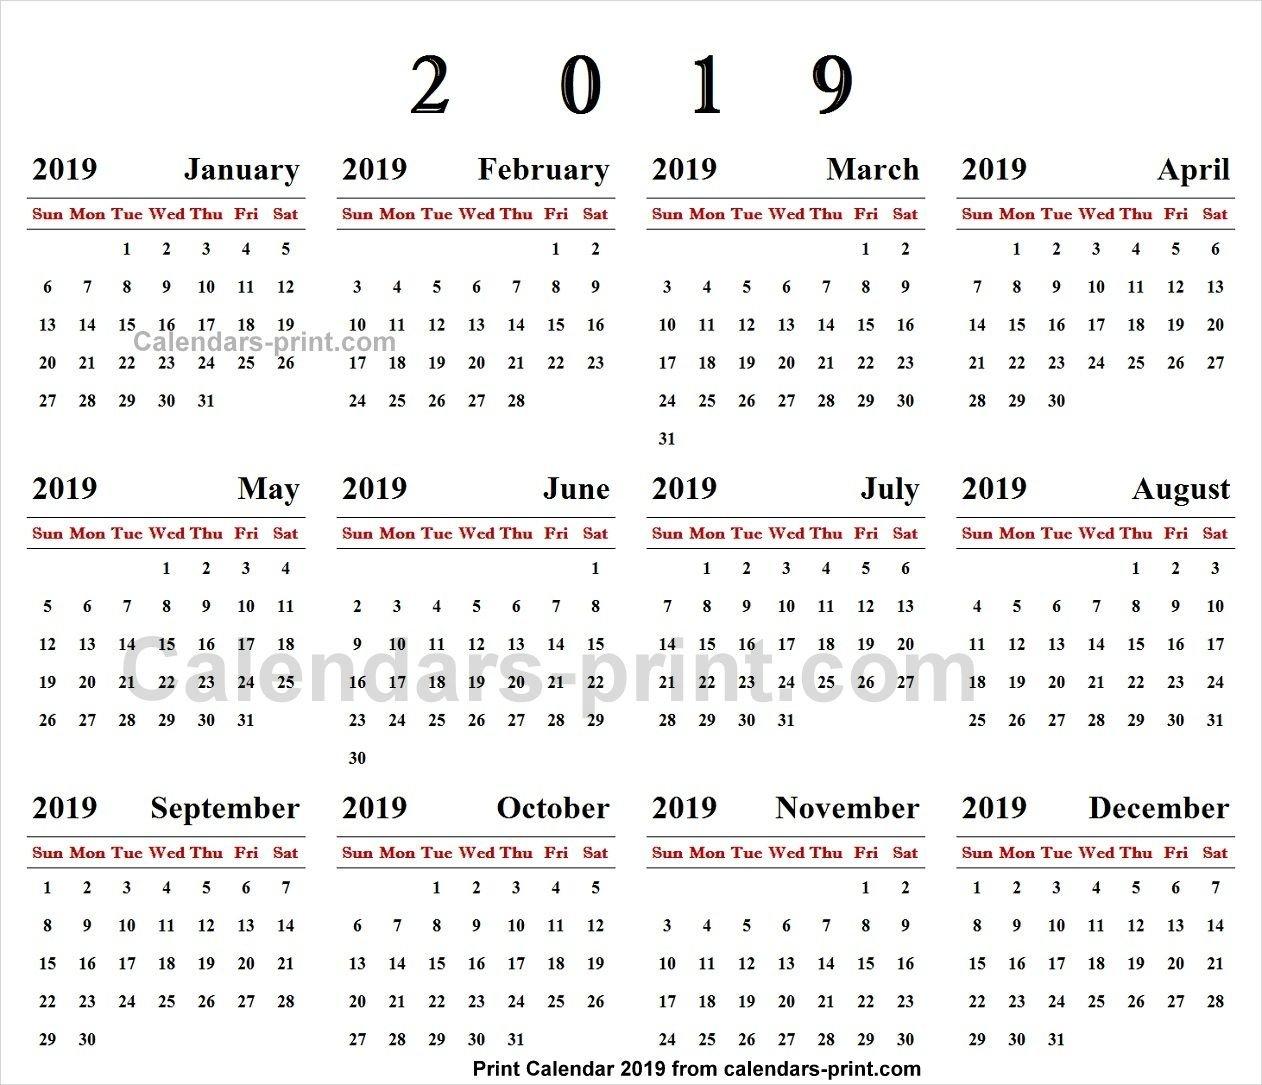 Online Calendar 2019 | 2019 Yearly Calendar | Online Calendar Calendar 2019 Online